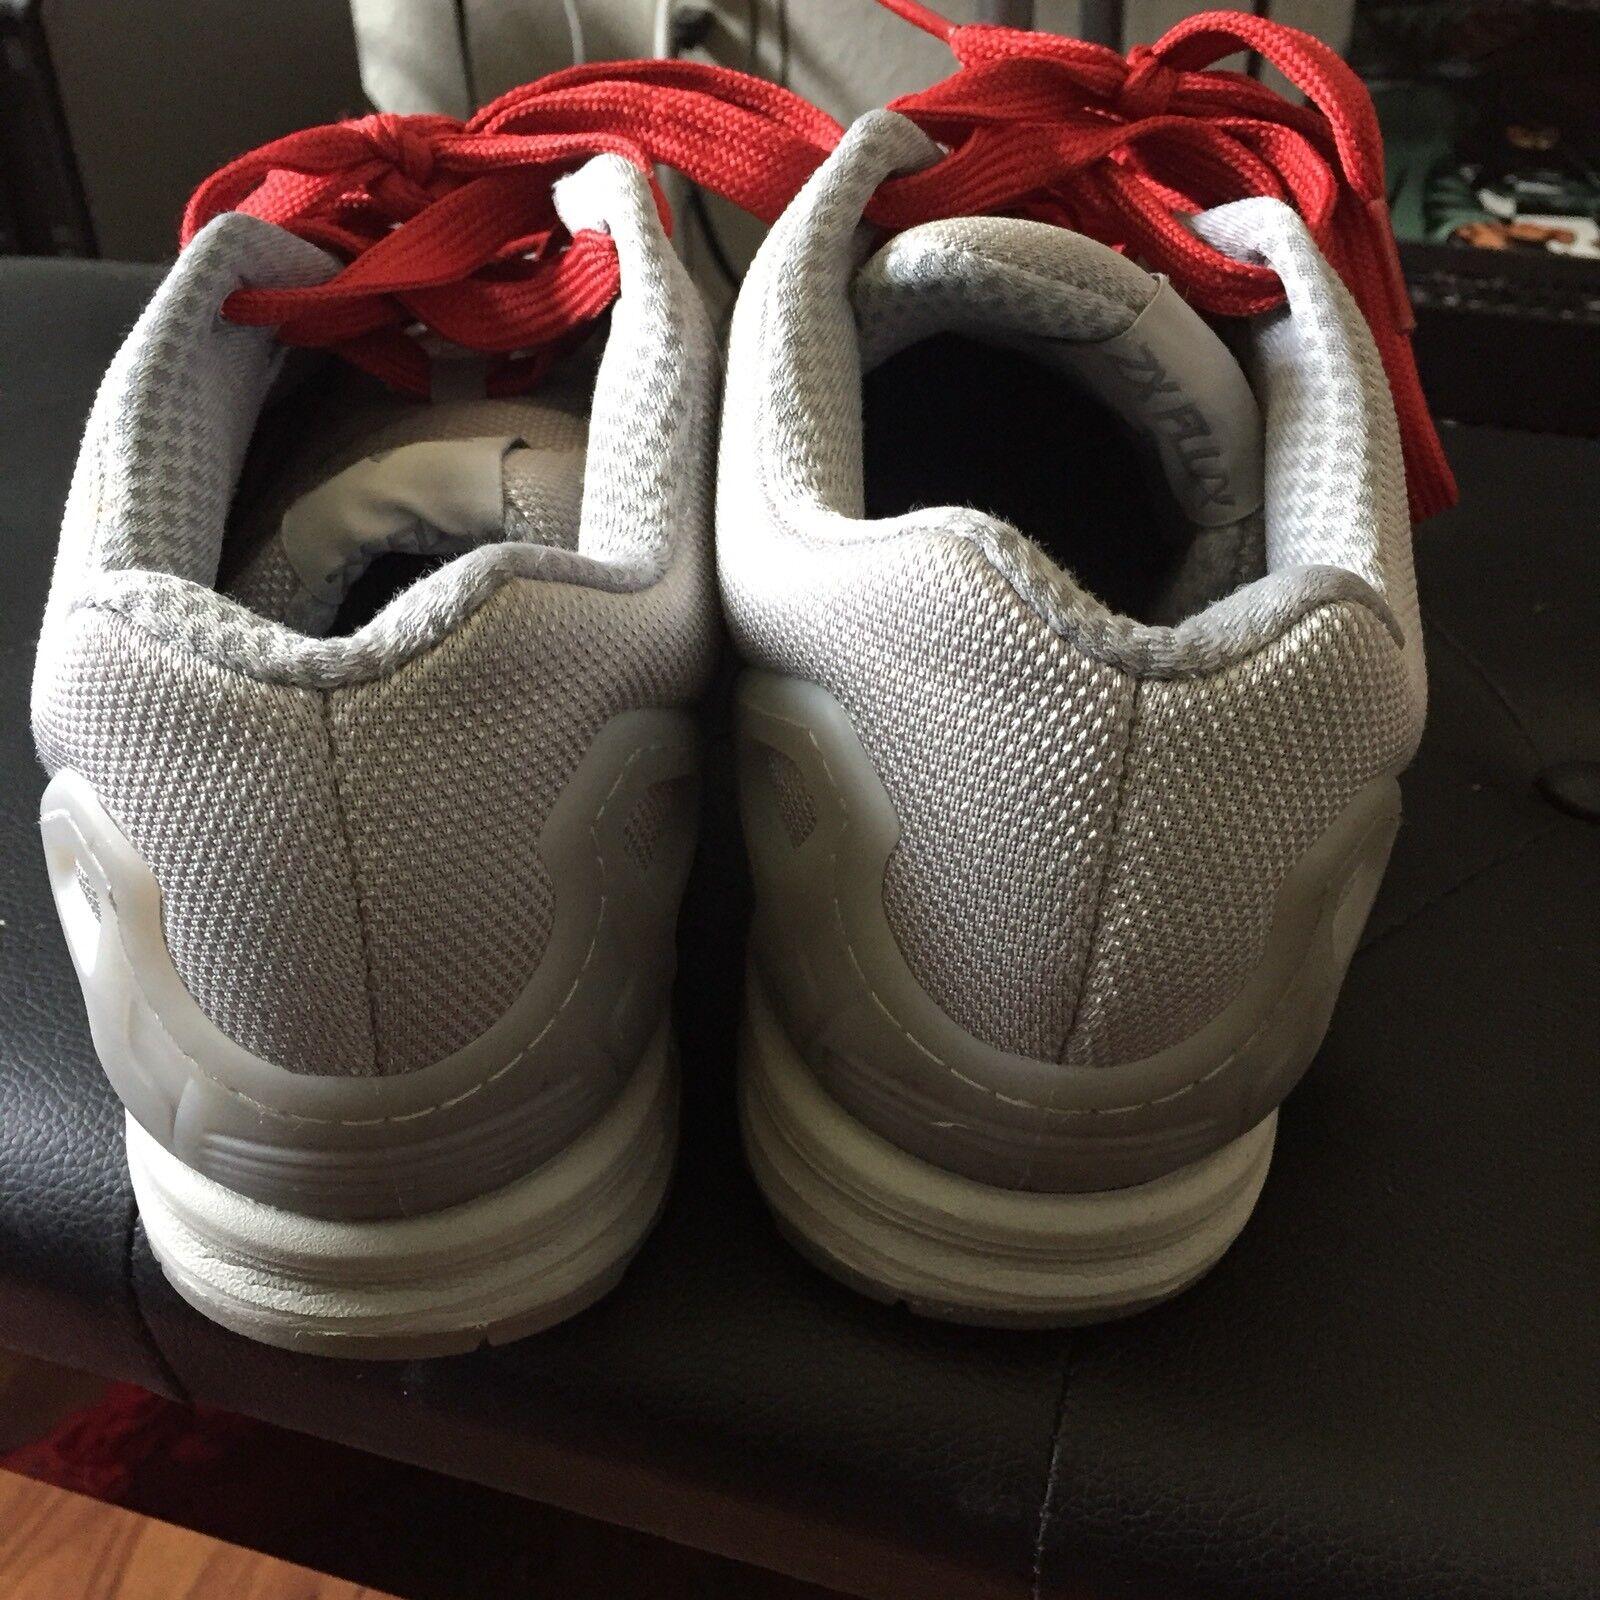 """20a9103ba ... Adidas Originals ZX Flux Men's Shoes Size Size Size 13 """"Gray"""" 950d16 ..."""